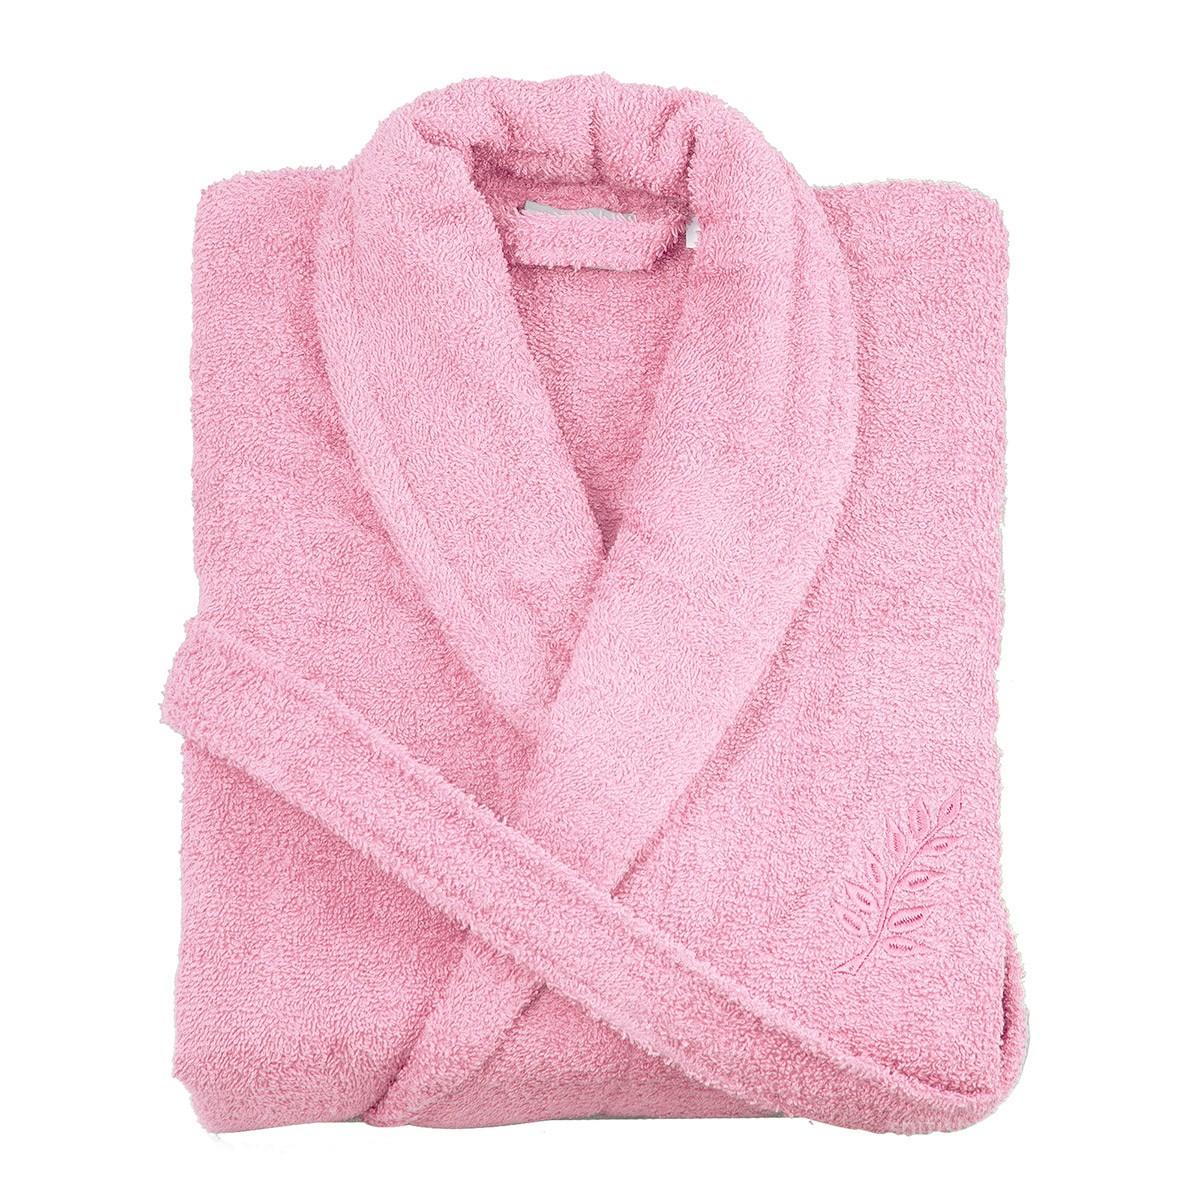 Μπουρνούζι Sb Home Primus Pink XLARGE XLARGE